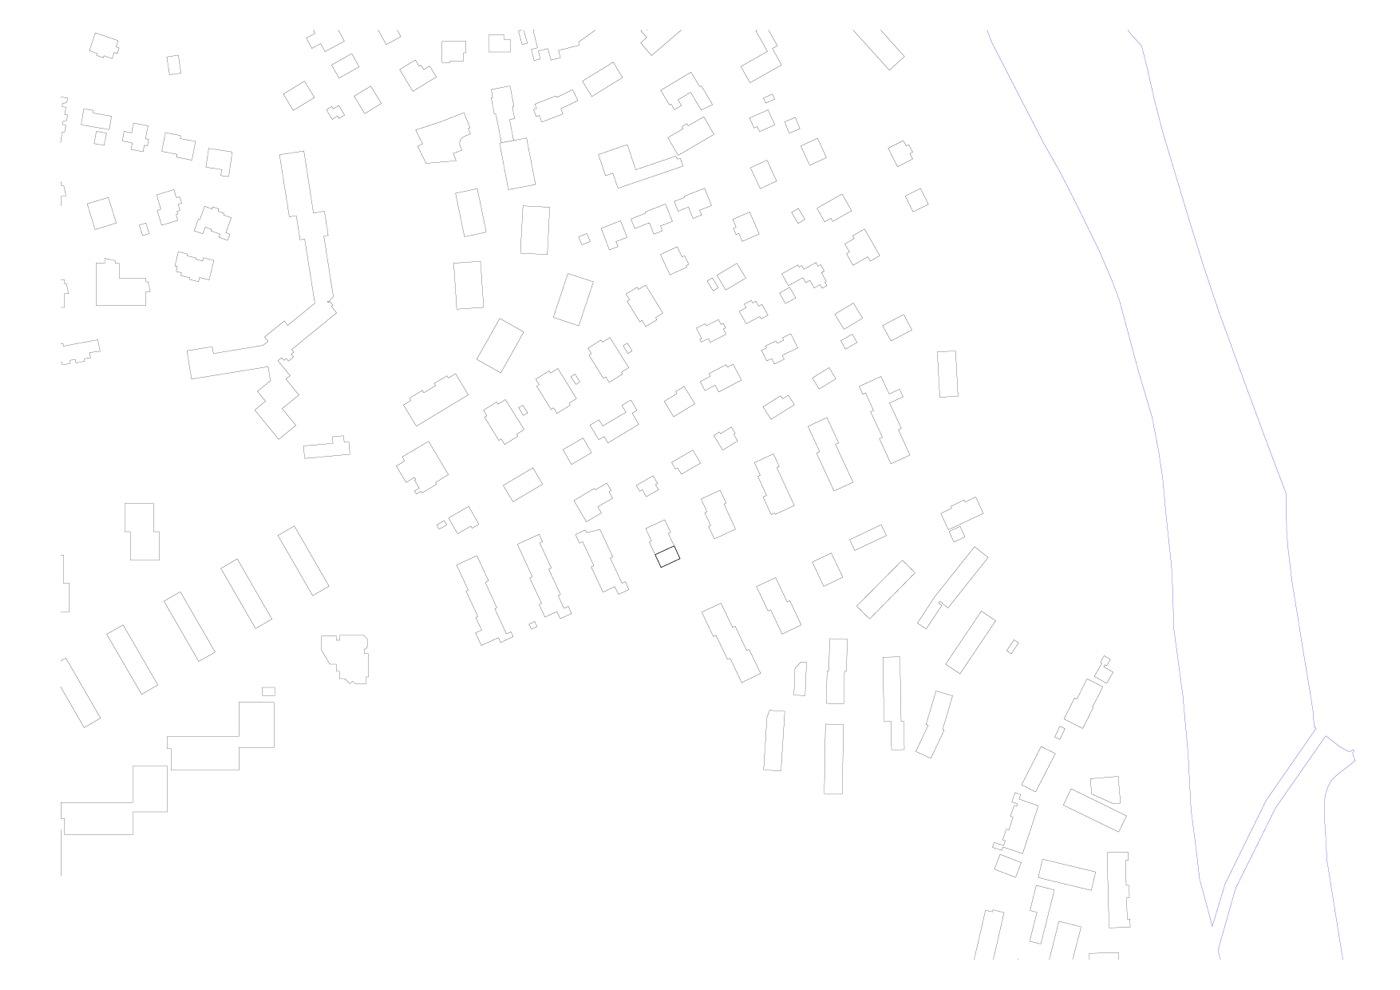 buan-architekten-umbau waldstrasse-luzern-schwarzplan